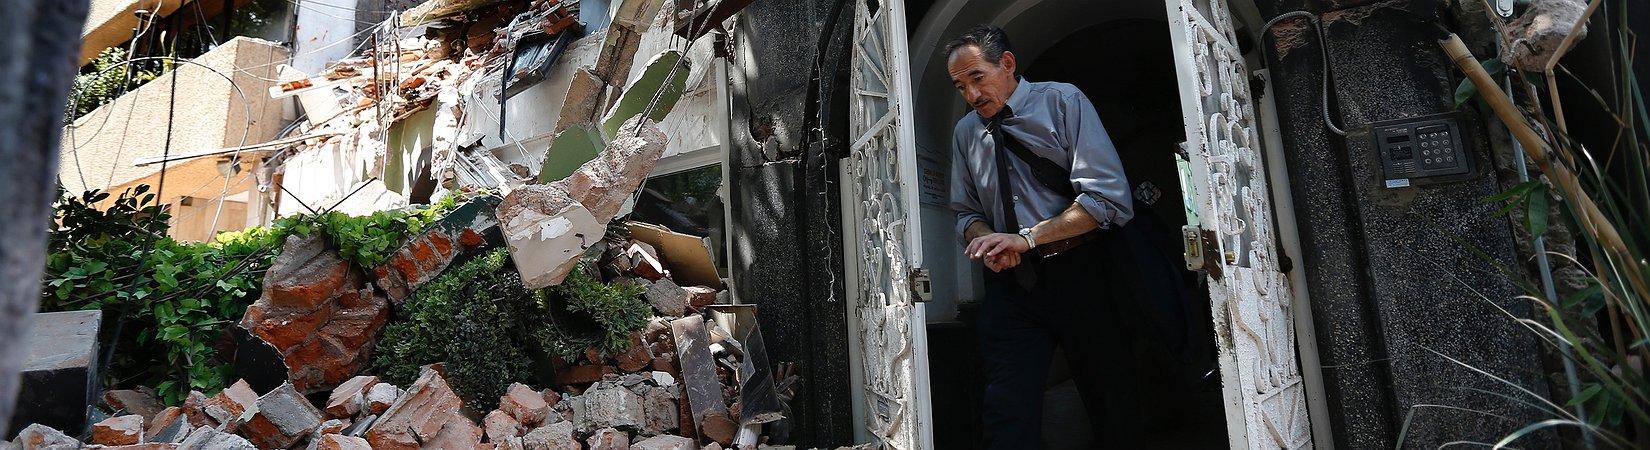 Más de 240 muertos por un terremoto en México